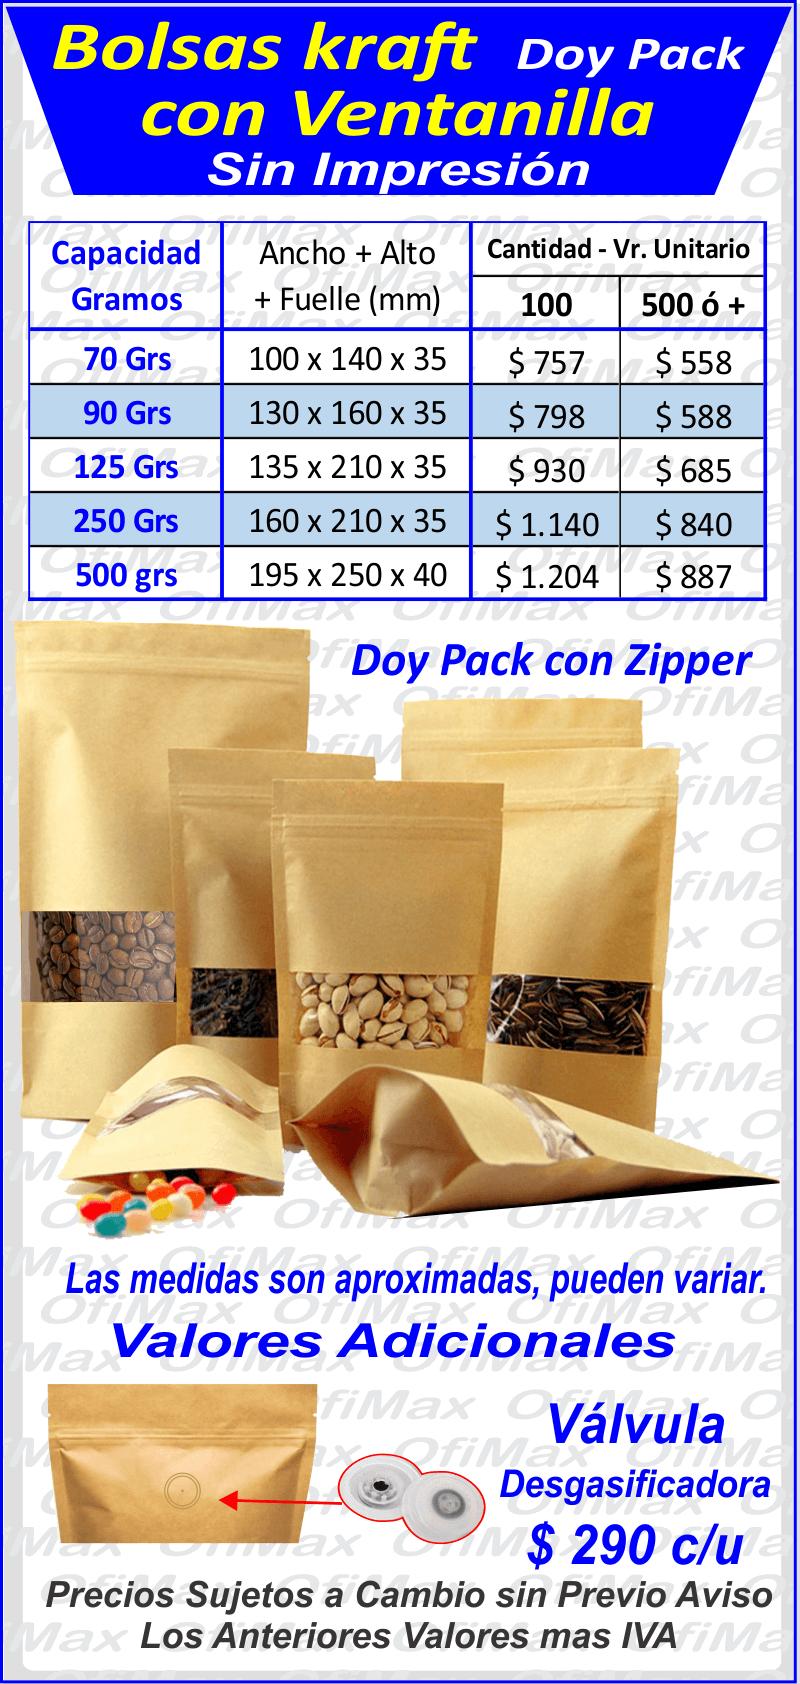 6d47b5ce2 ... colombia Bolsas doy pack con ventanilla en papel kraft genericas,  bogota, colombia